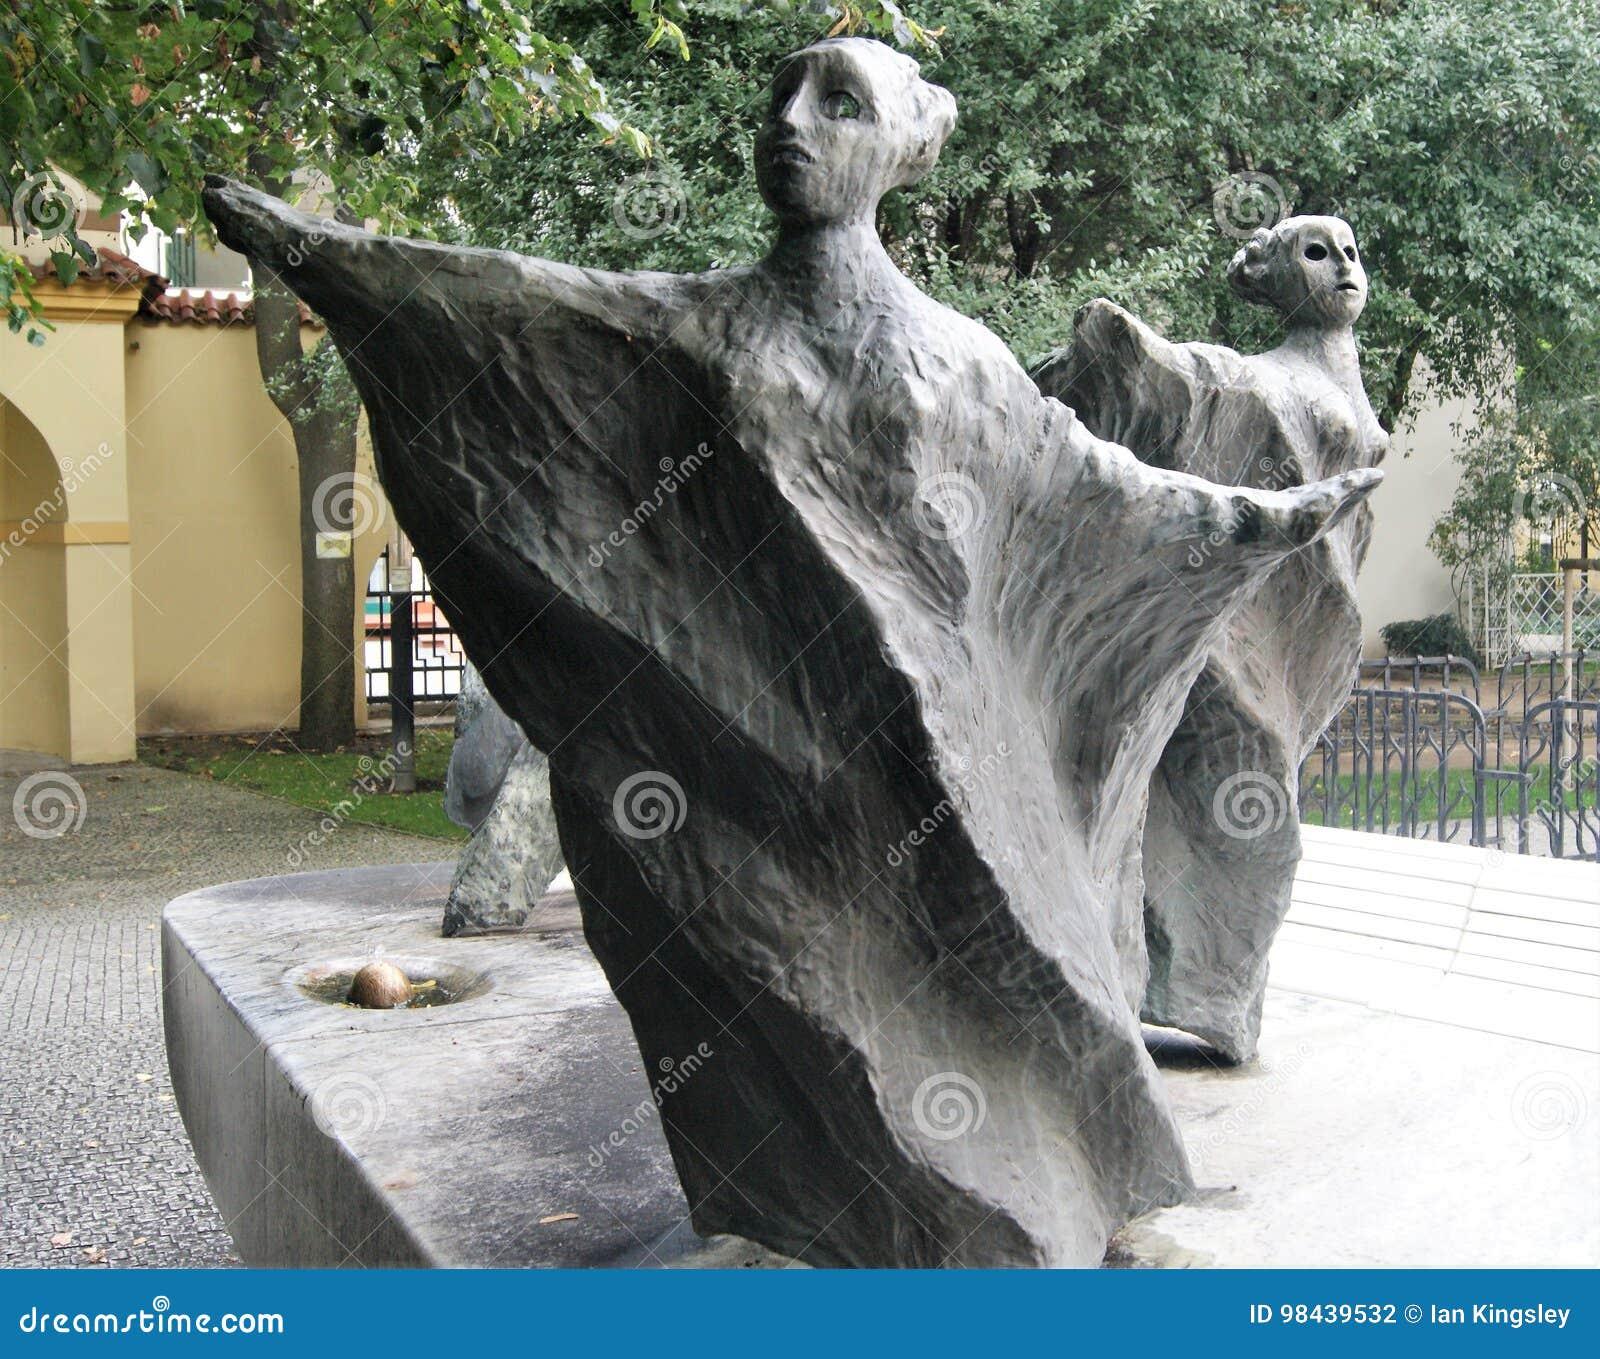 Δύο ασυνήθιστα θηλυκά γλυπτά στο φραντσησθανό κήπο, Πράγα, Δημοκρατία της Τσεχίας